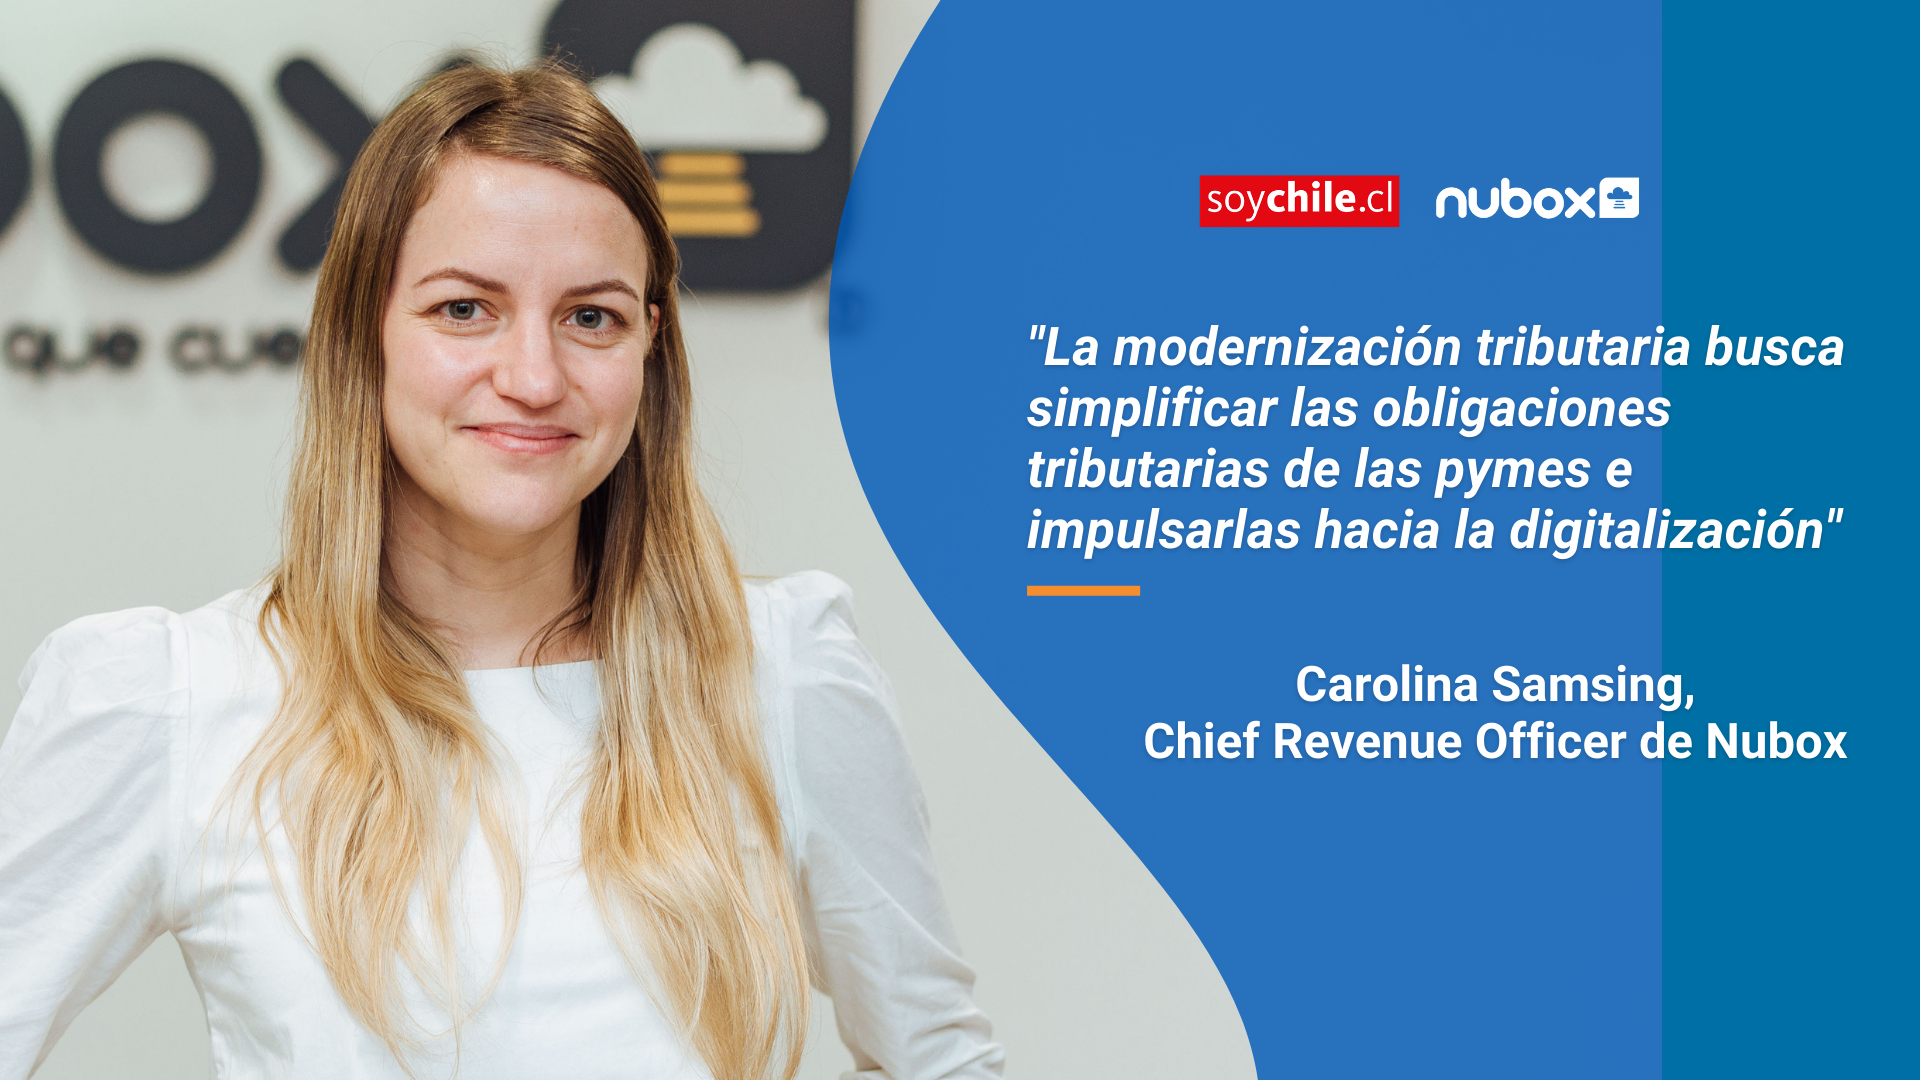 Carolina Samsing, CRO de Nubox, en SoyChile.cl: La Ley 21.210 busca simplificar las obligaciones tributarias de las pymes e impulsarlas hacia la digitalización